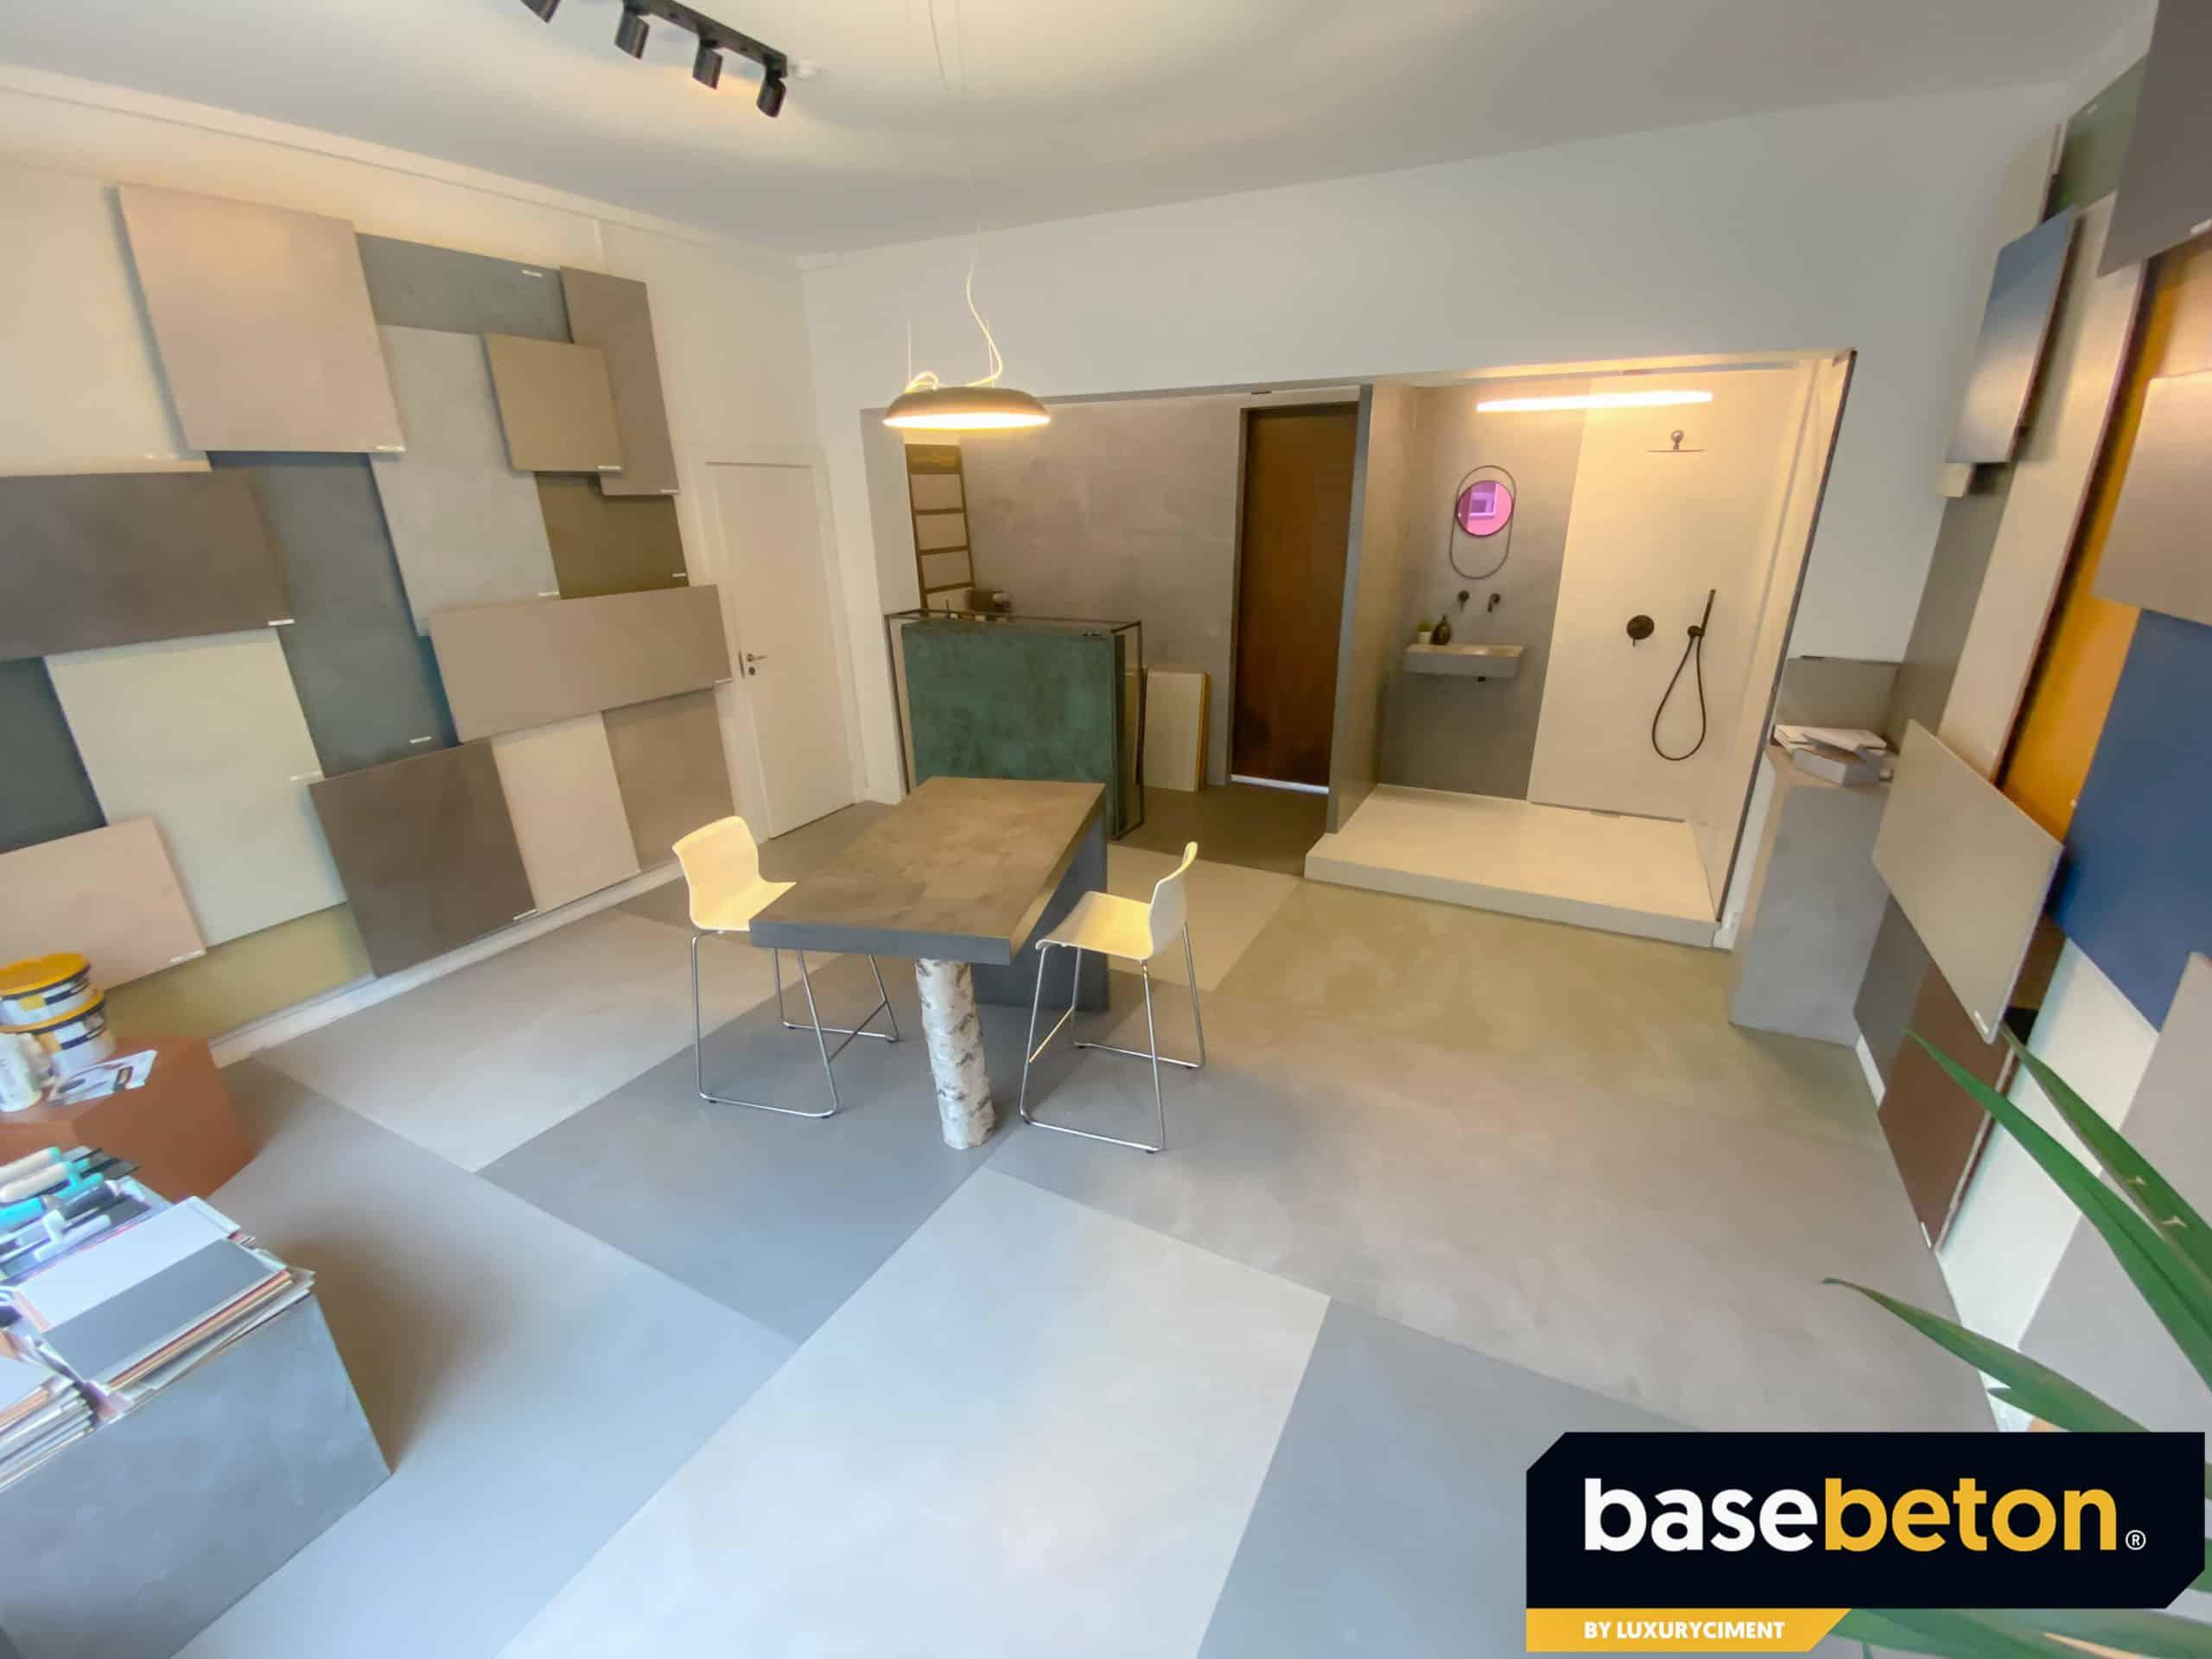 basebeton showroom